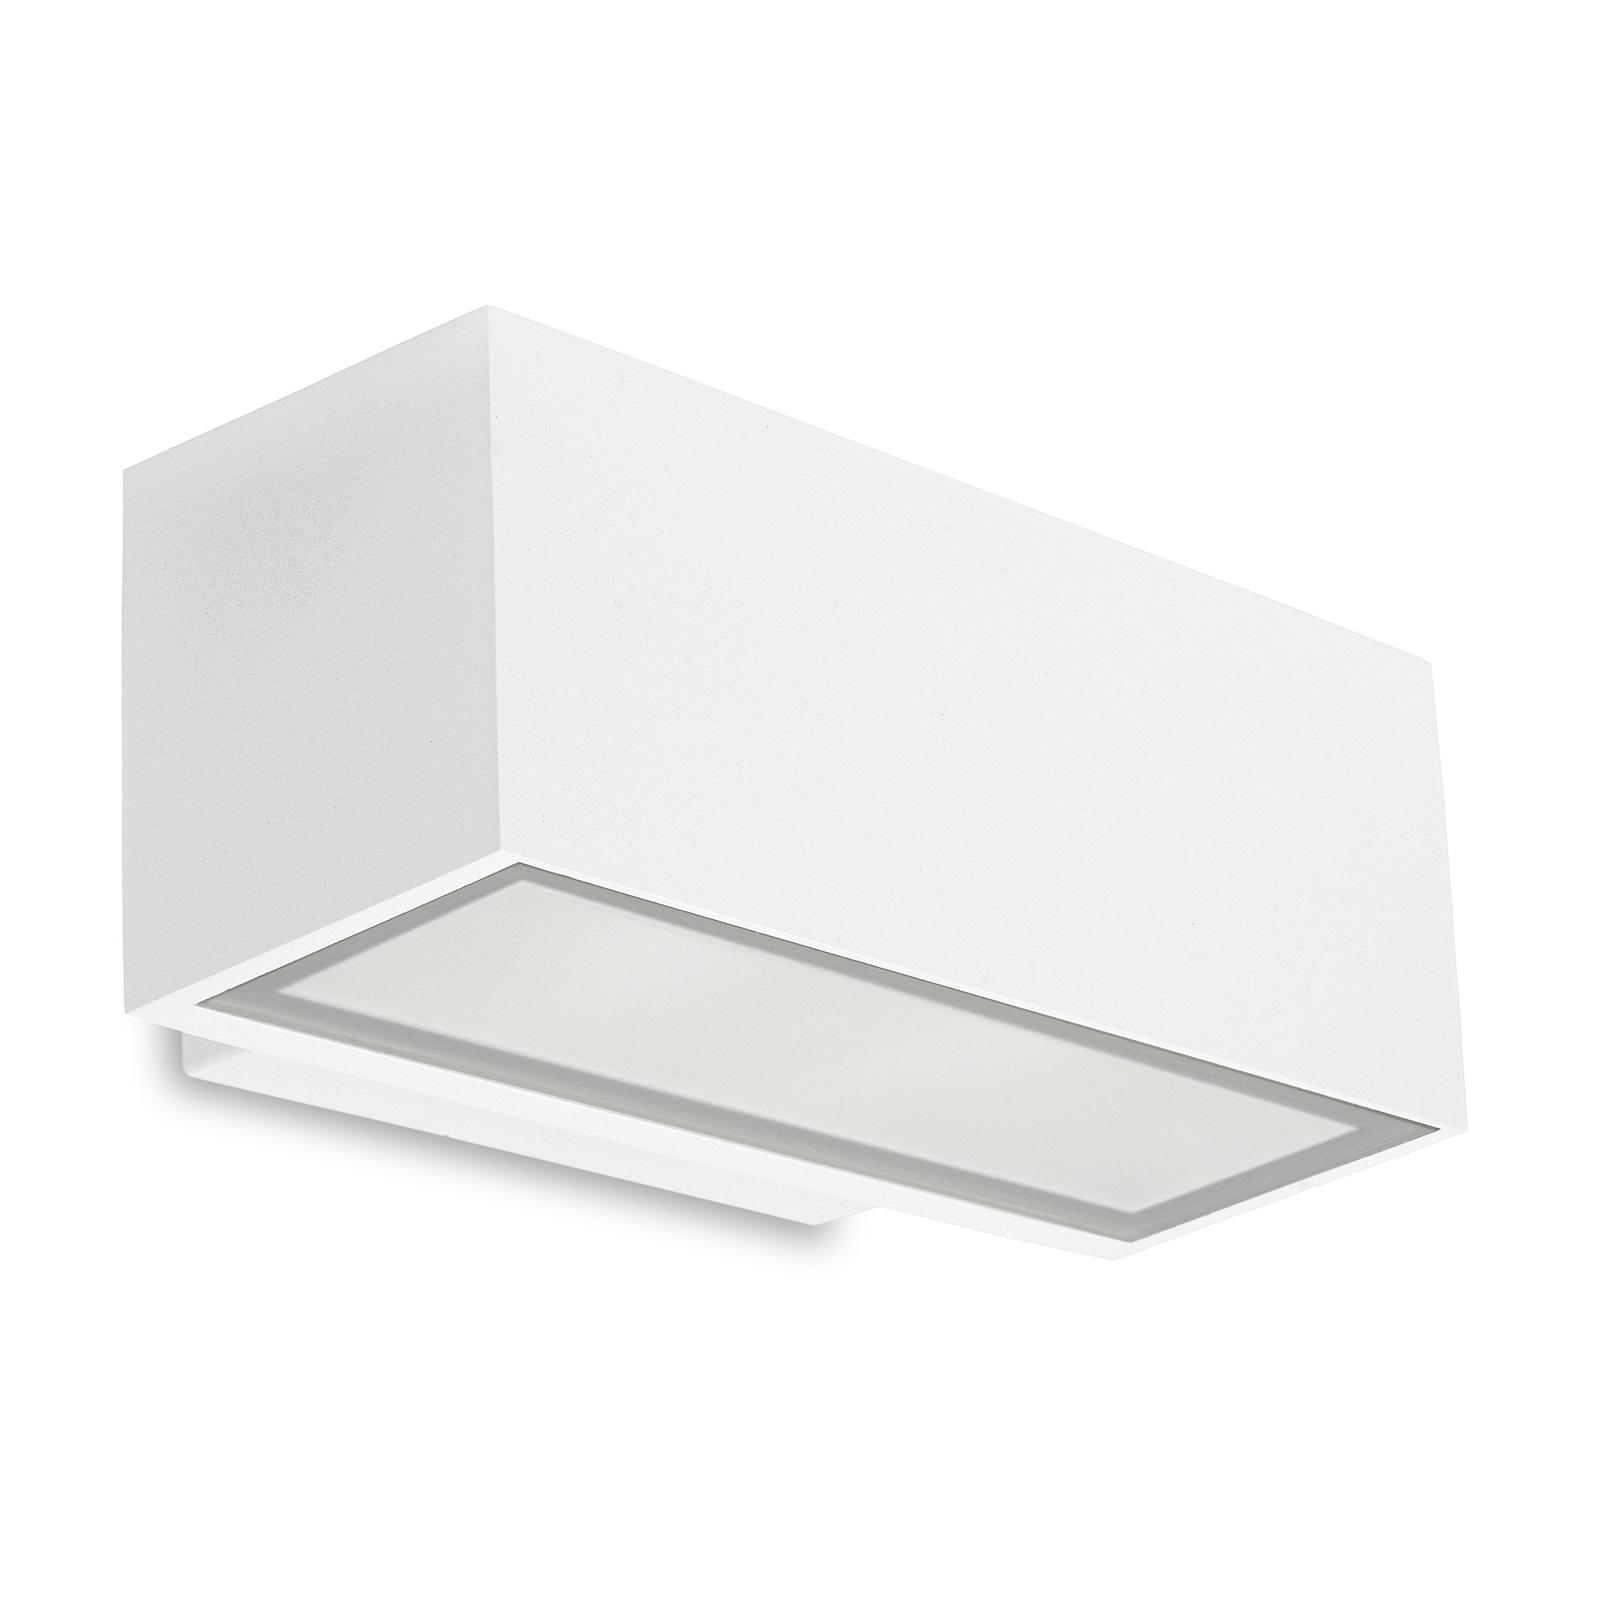 LEDS-C4 Afrodita udend. LED-væglampe up/down, hvid